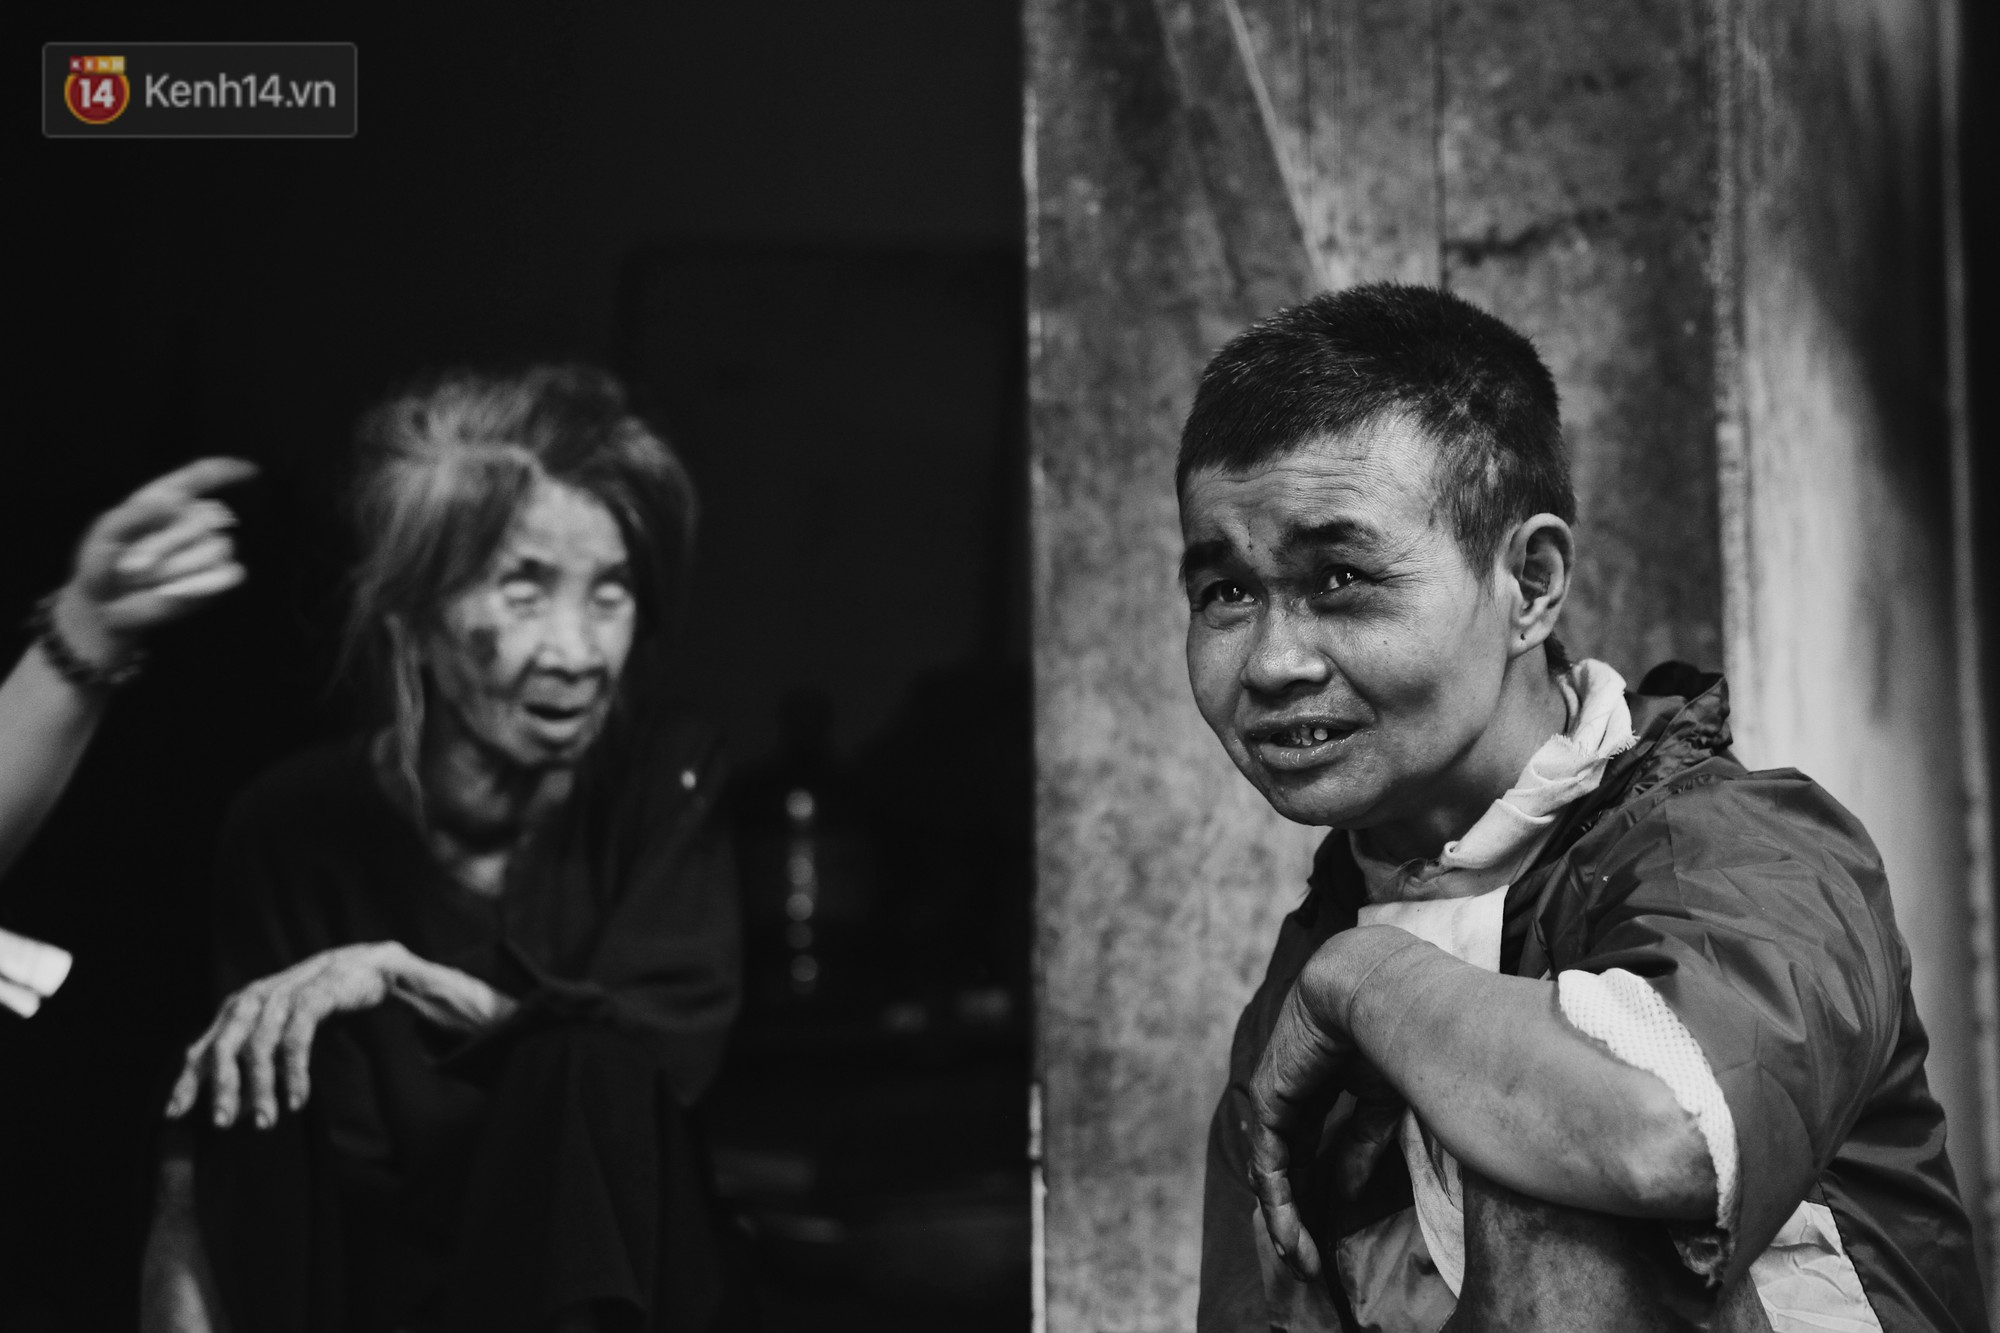 Ở Hà Nội, có một người mẹ mù gần 90 tuổi vẫn ngày đêm chăm đứa con gái điên: Còn sống được lúc nào, thì tôi còn nuôi nó - Ảnh 8.